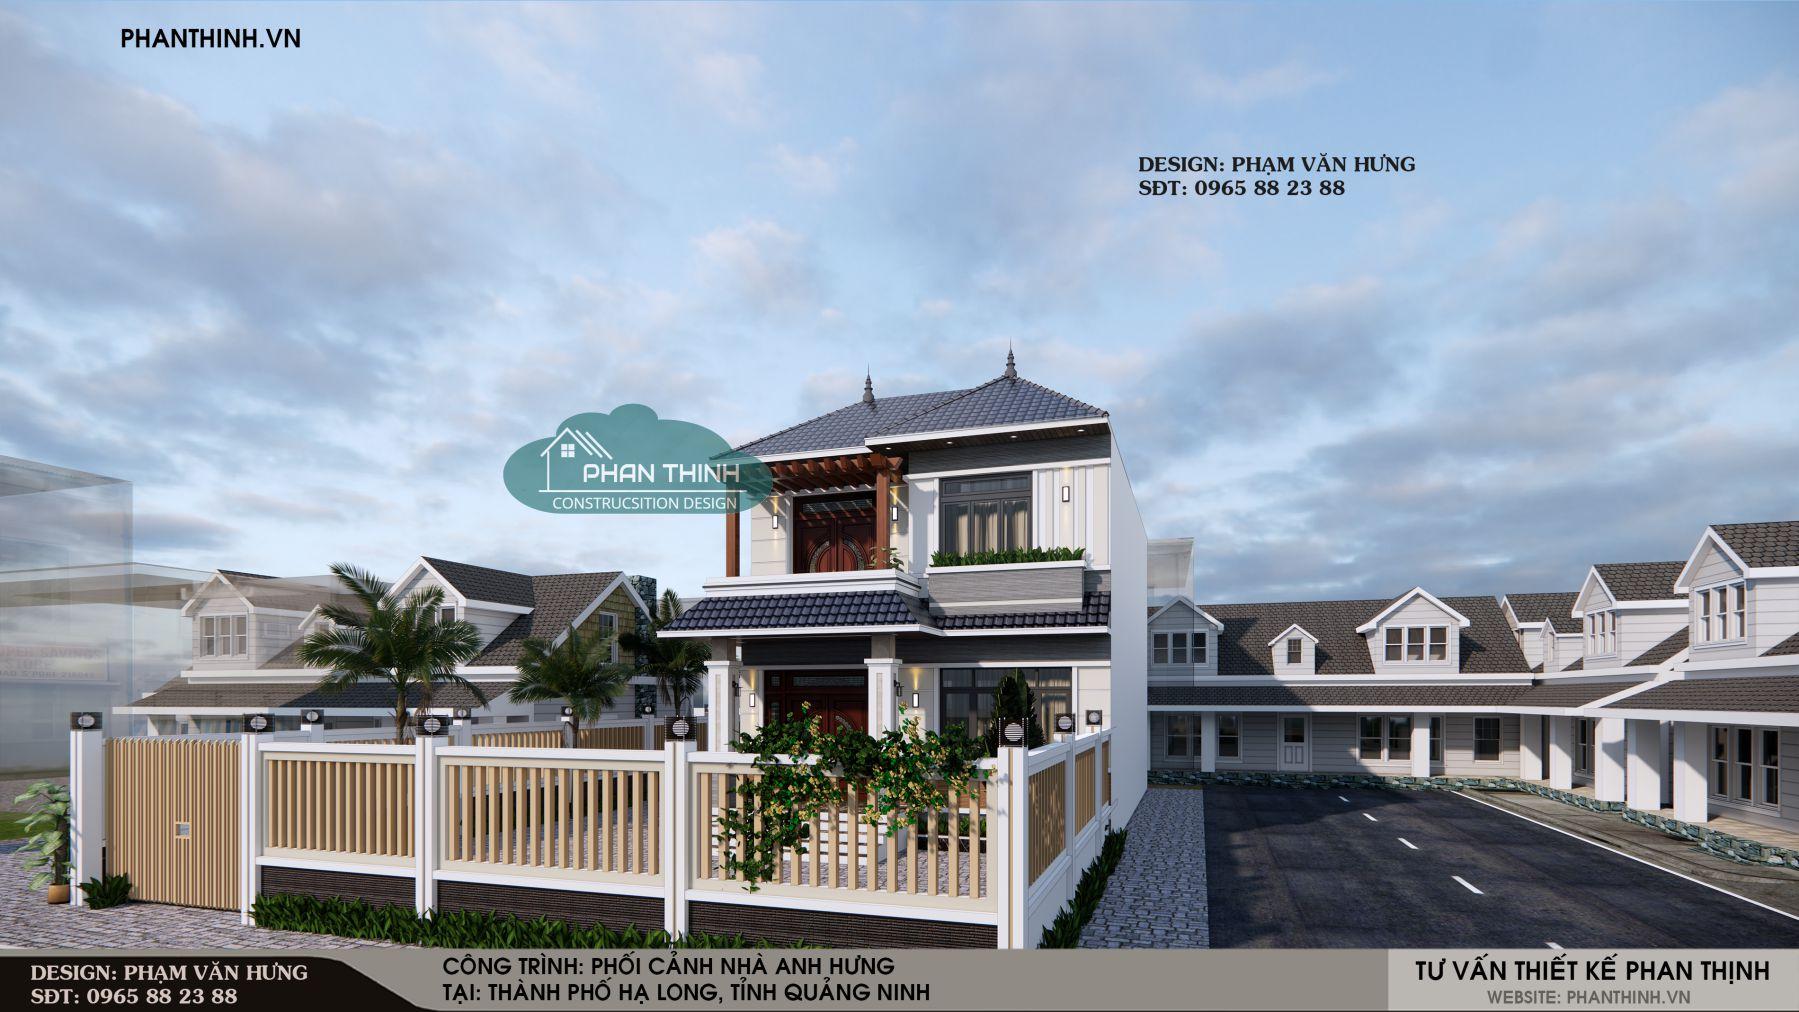 Hình ảnh mặt tiền biệt thự nhà vườn mái thái đẹp tại Hạ Long Quảng Ninh